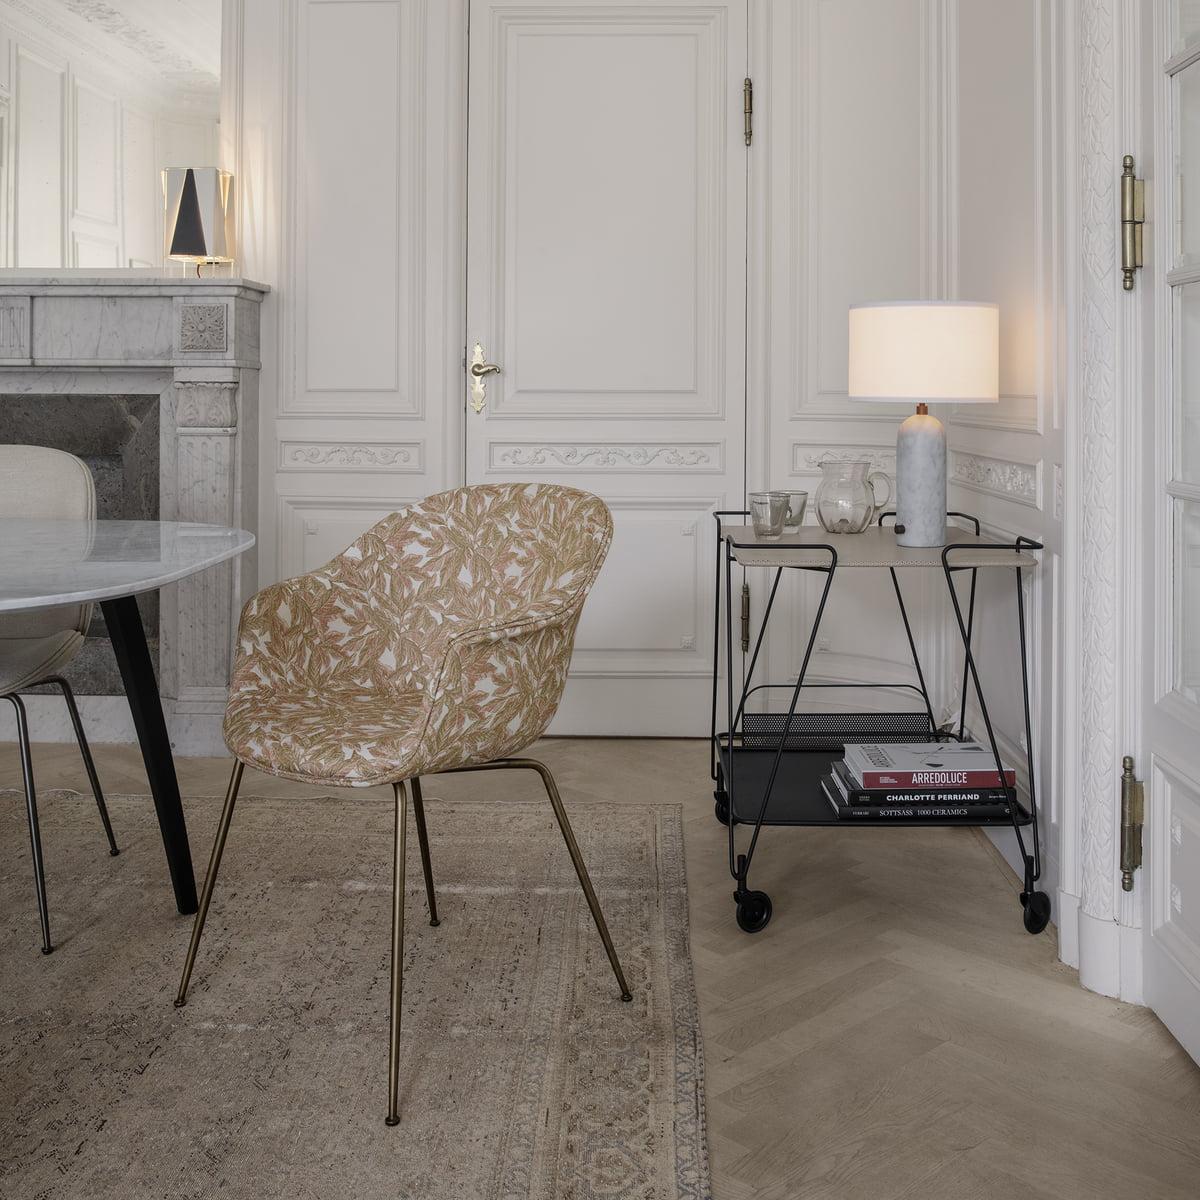 Table Pour Salle À Manger gubi - chaise de salle à manger chauve-souris, chêne laqué semi mat / blanc  pur